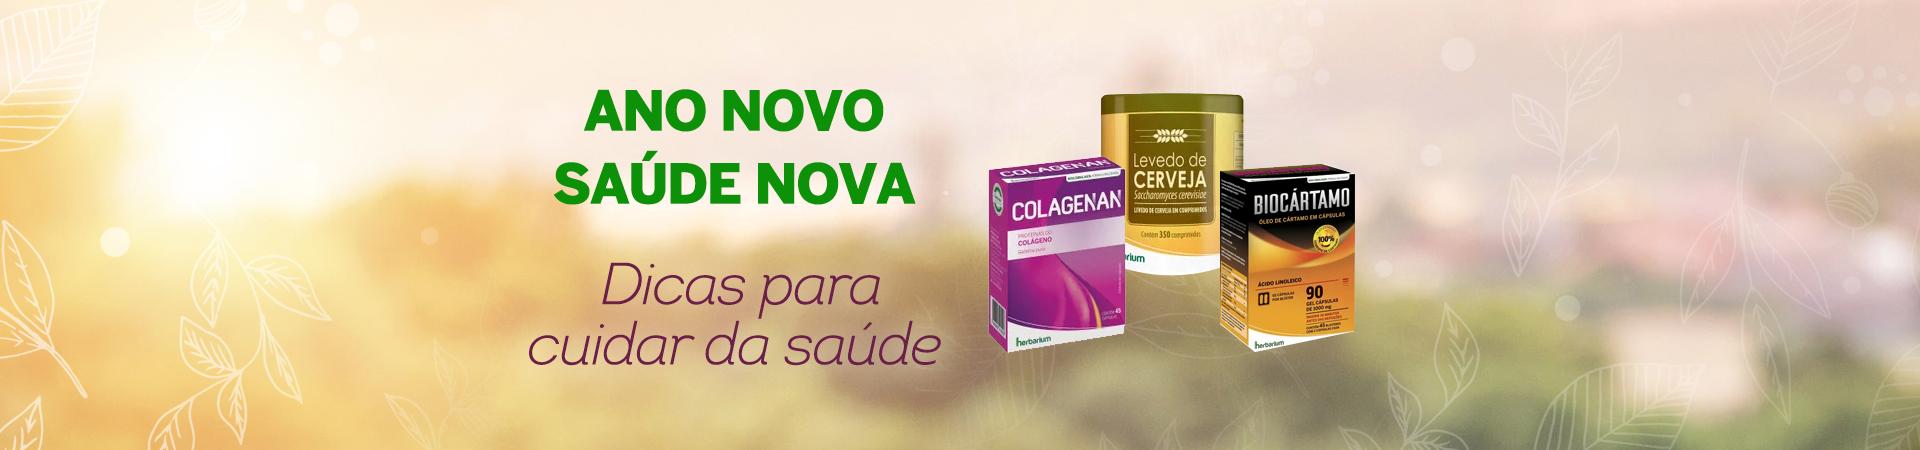 Ano Novo, Saúde Nova com outros produtos